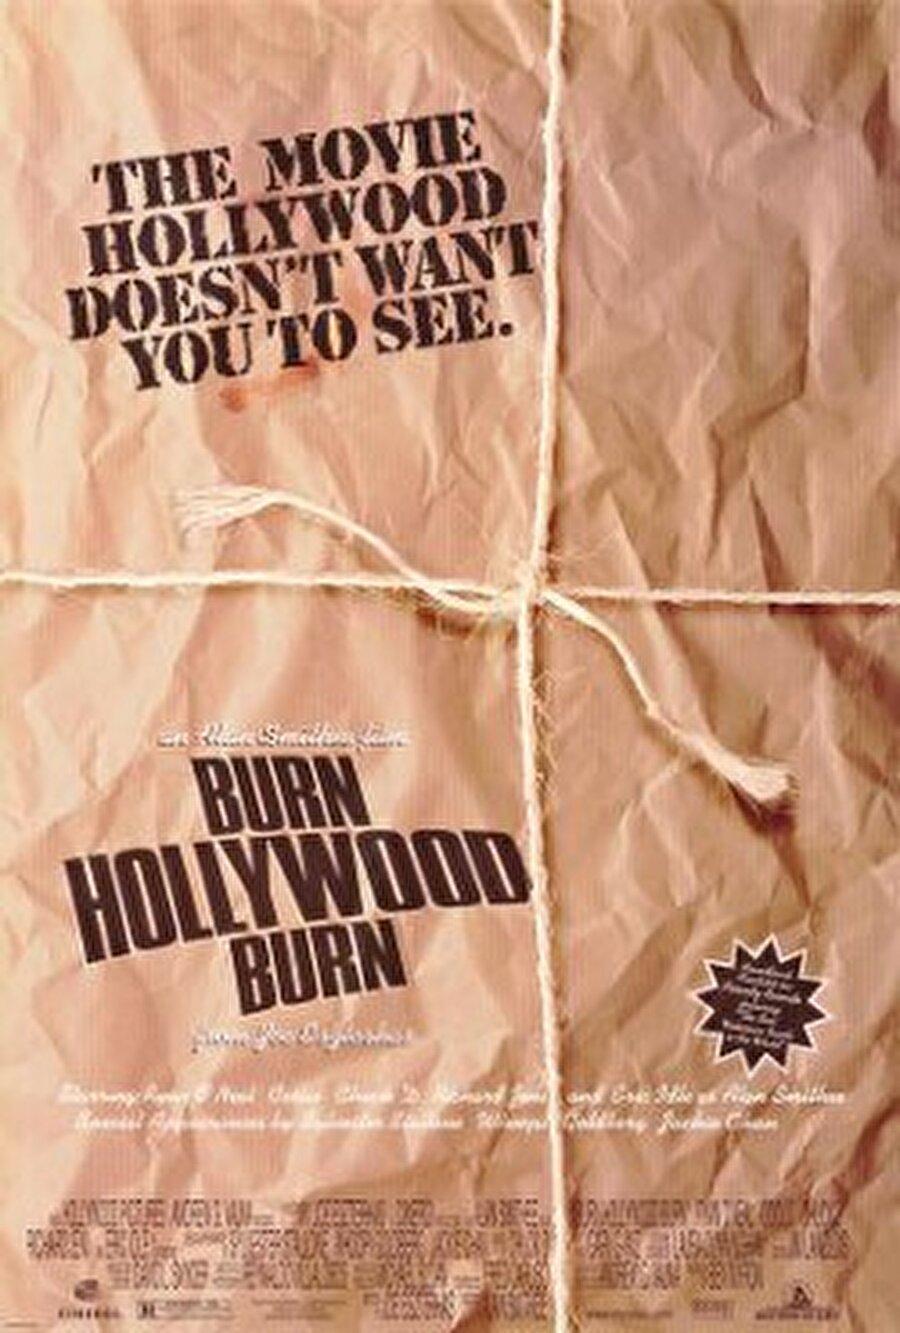 An Alan Smithee Film: Burn Hollywood Burn (1998) Yönetmen: Arthur Hiller Yazar: Joe Eszterhas Oyuncular: Eric Idle, Ryan O'Neal, Coolio, Chuck D, Richard Jeni